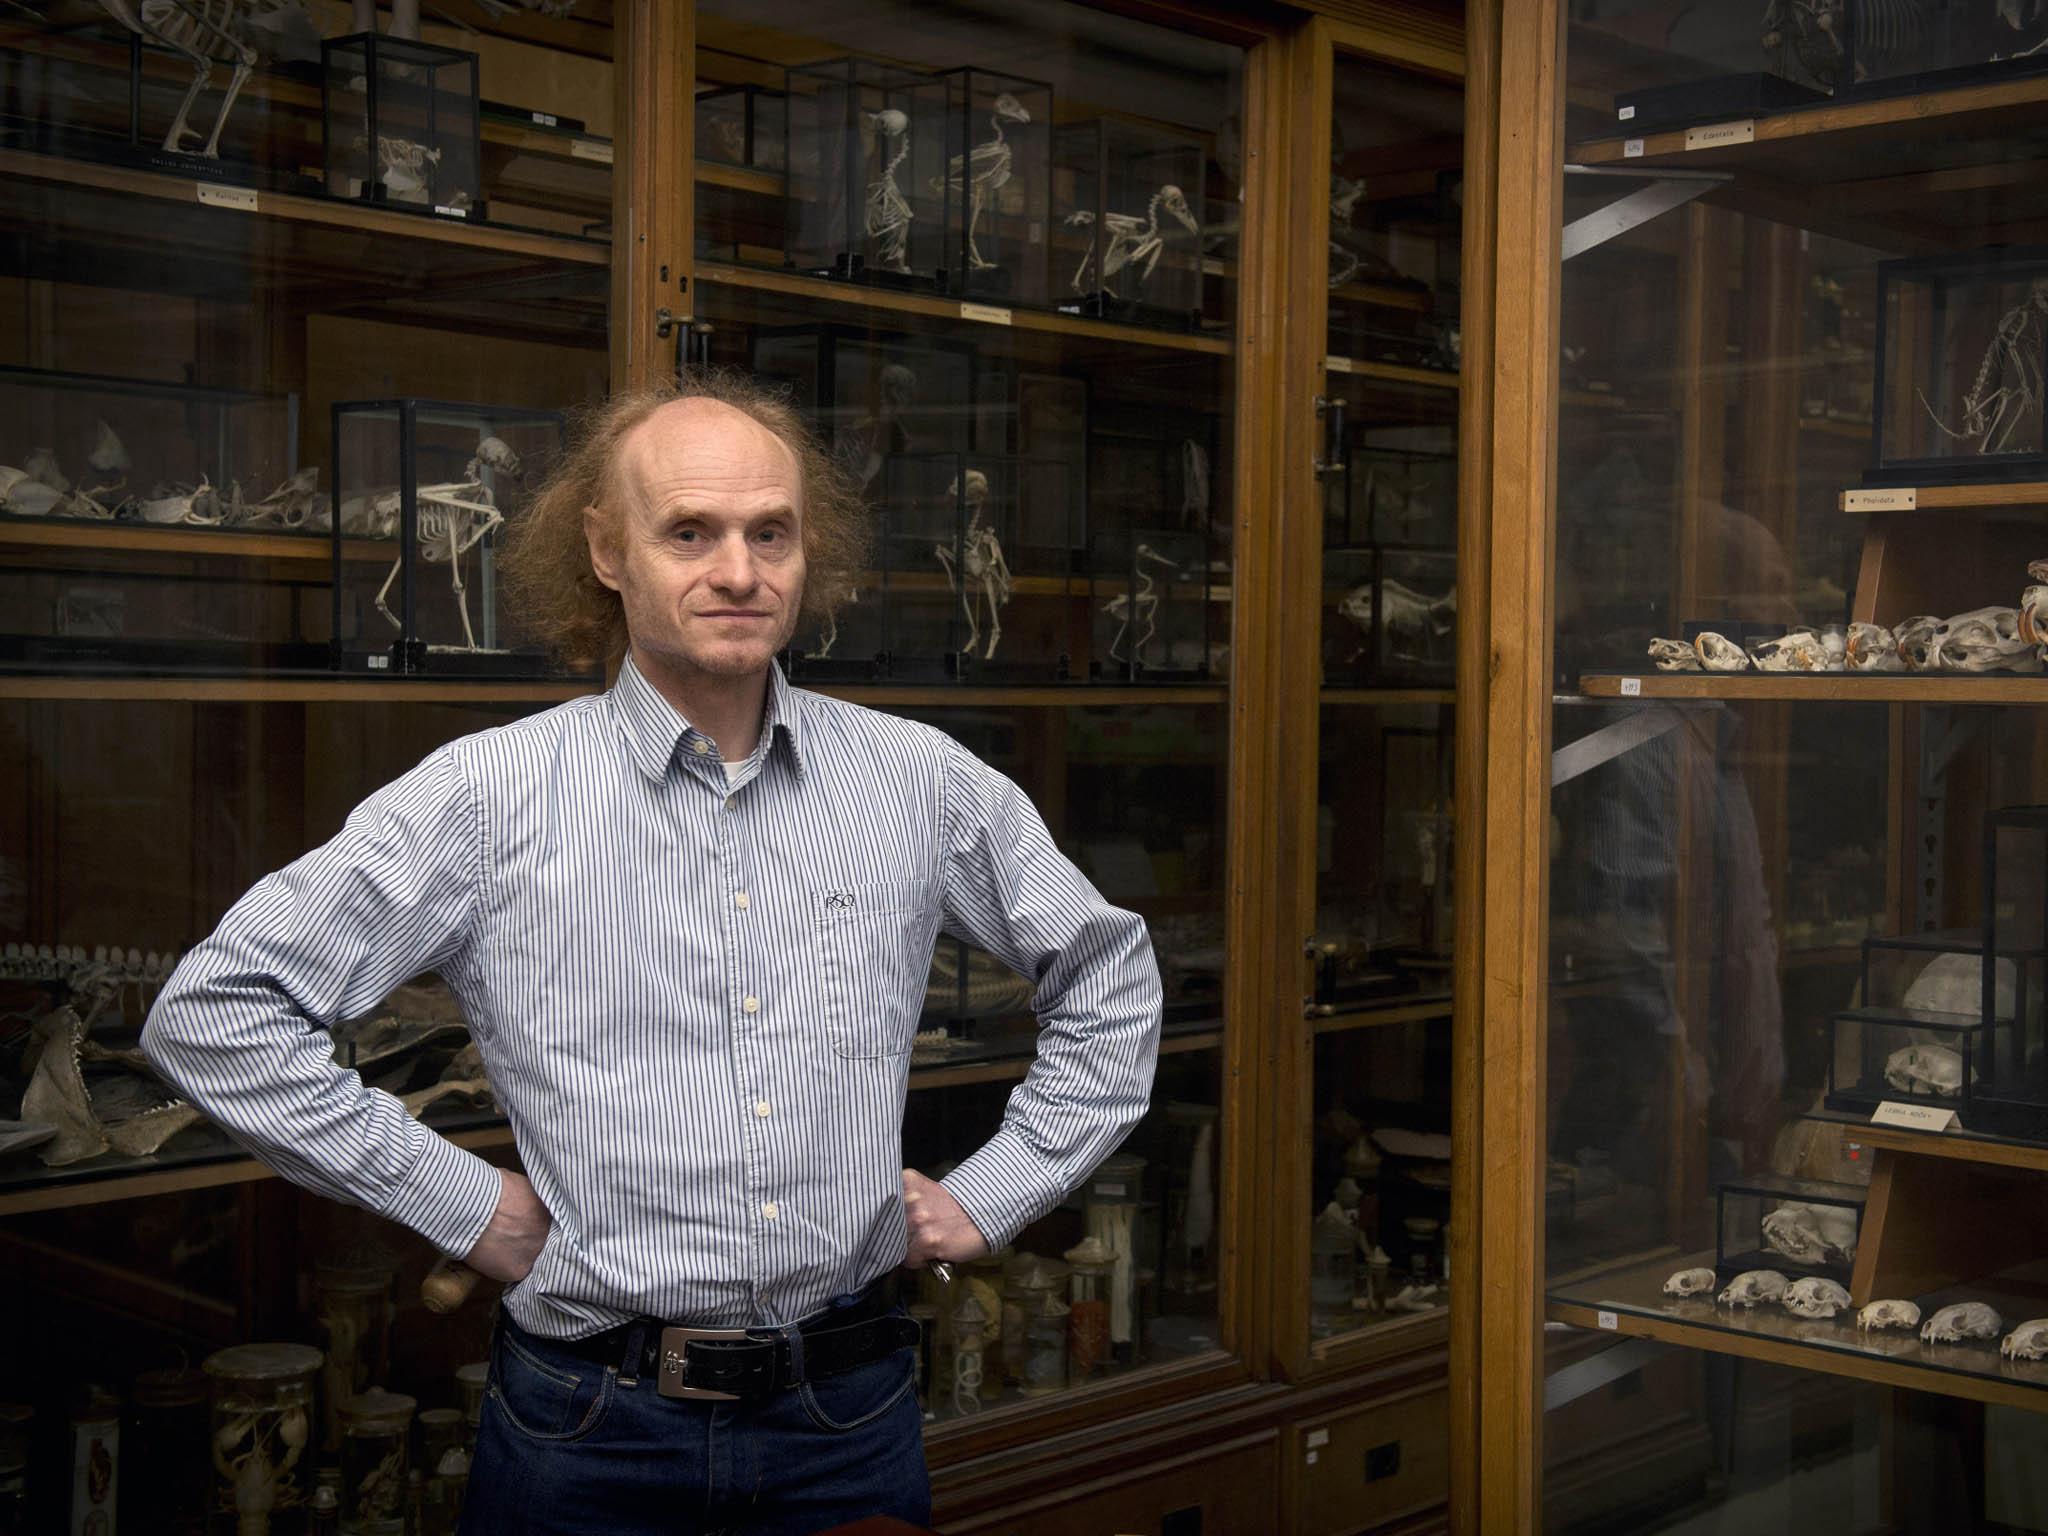 """Podle evolučního biologa Jaroslava Flegra druhá vlna nákazy může přijít koncem roku. """"Tipoval bych, že vlistopadu, nejpozději vprosinci, to tu budeme zase mít velmi nepříjemné,"""